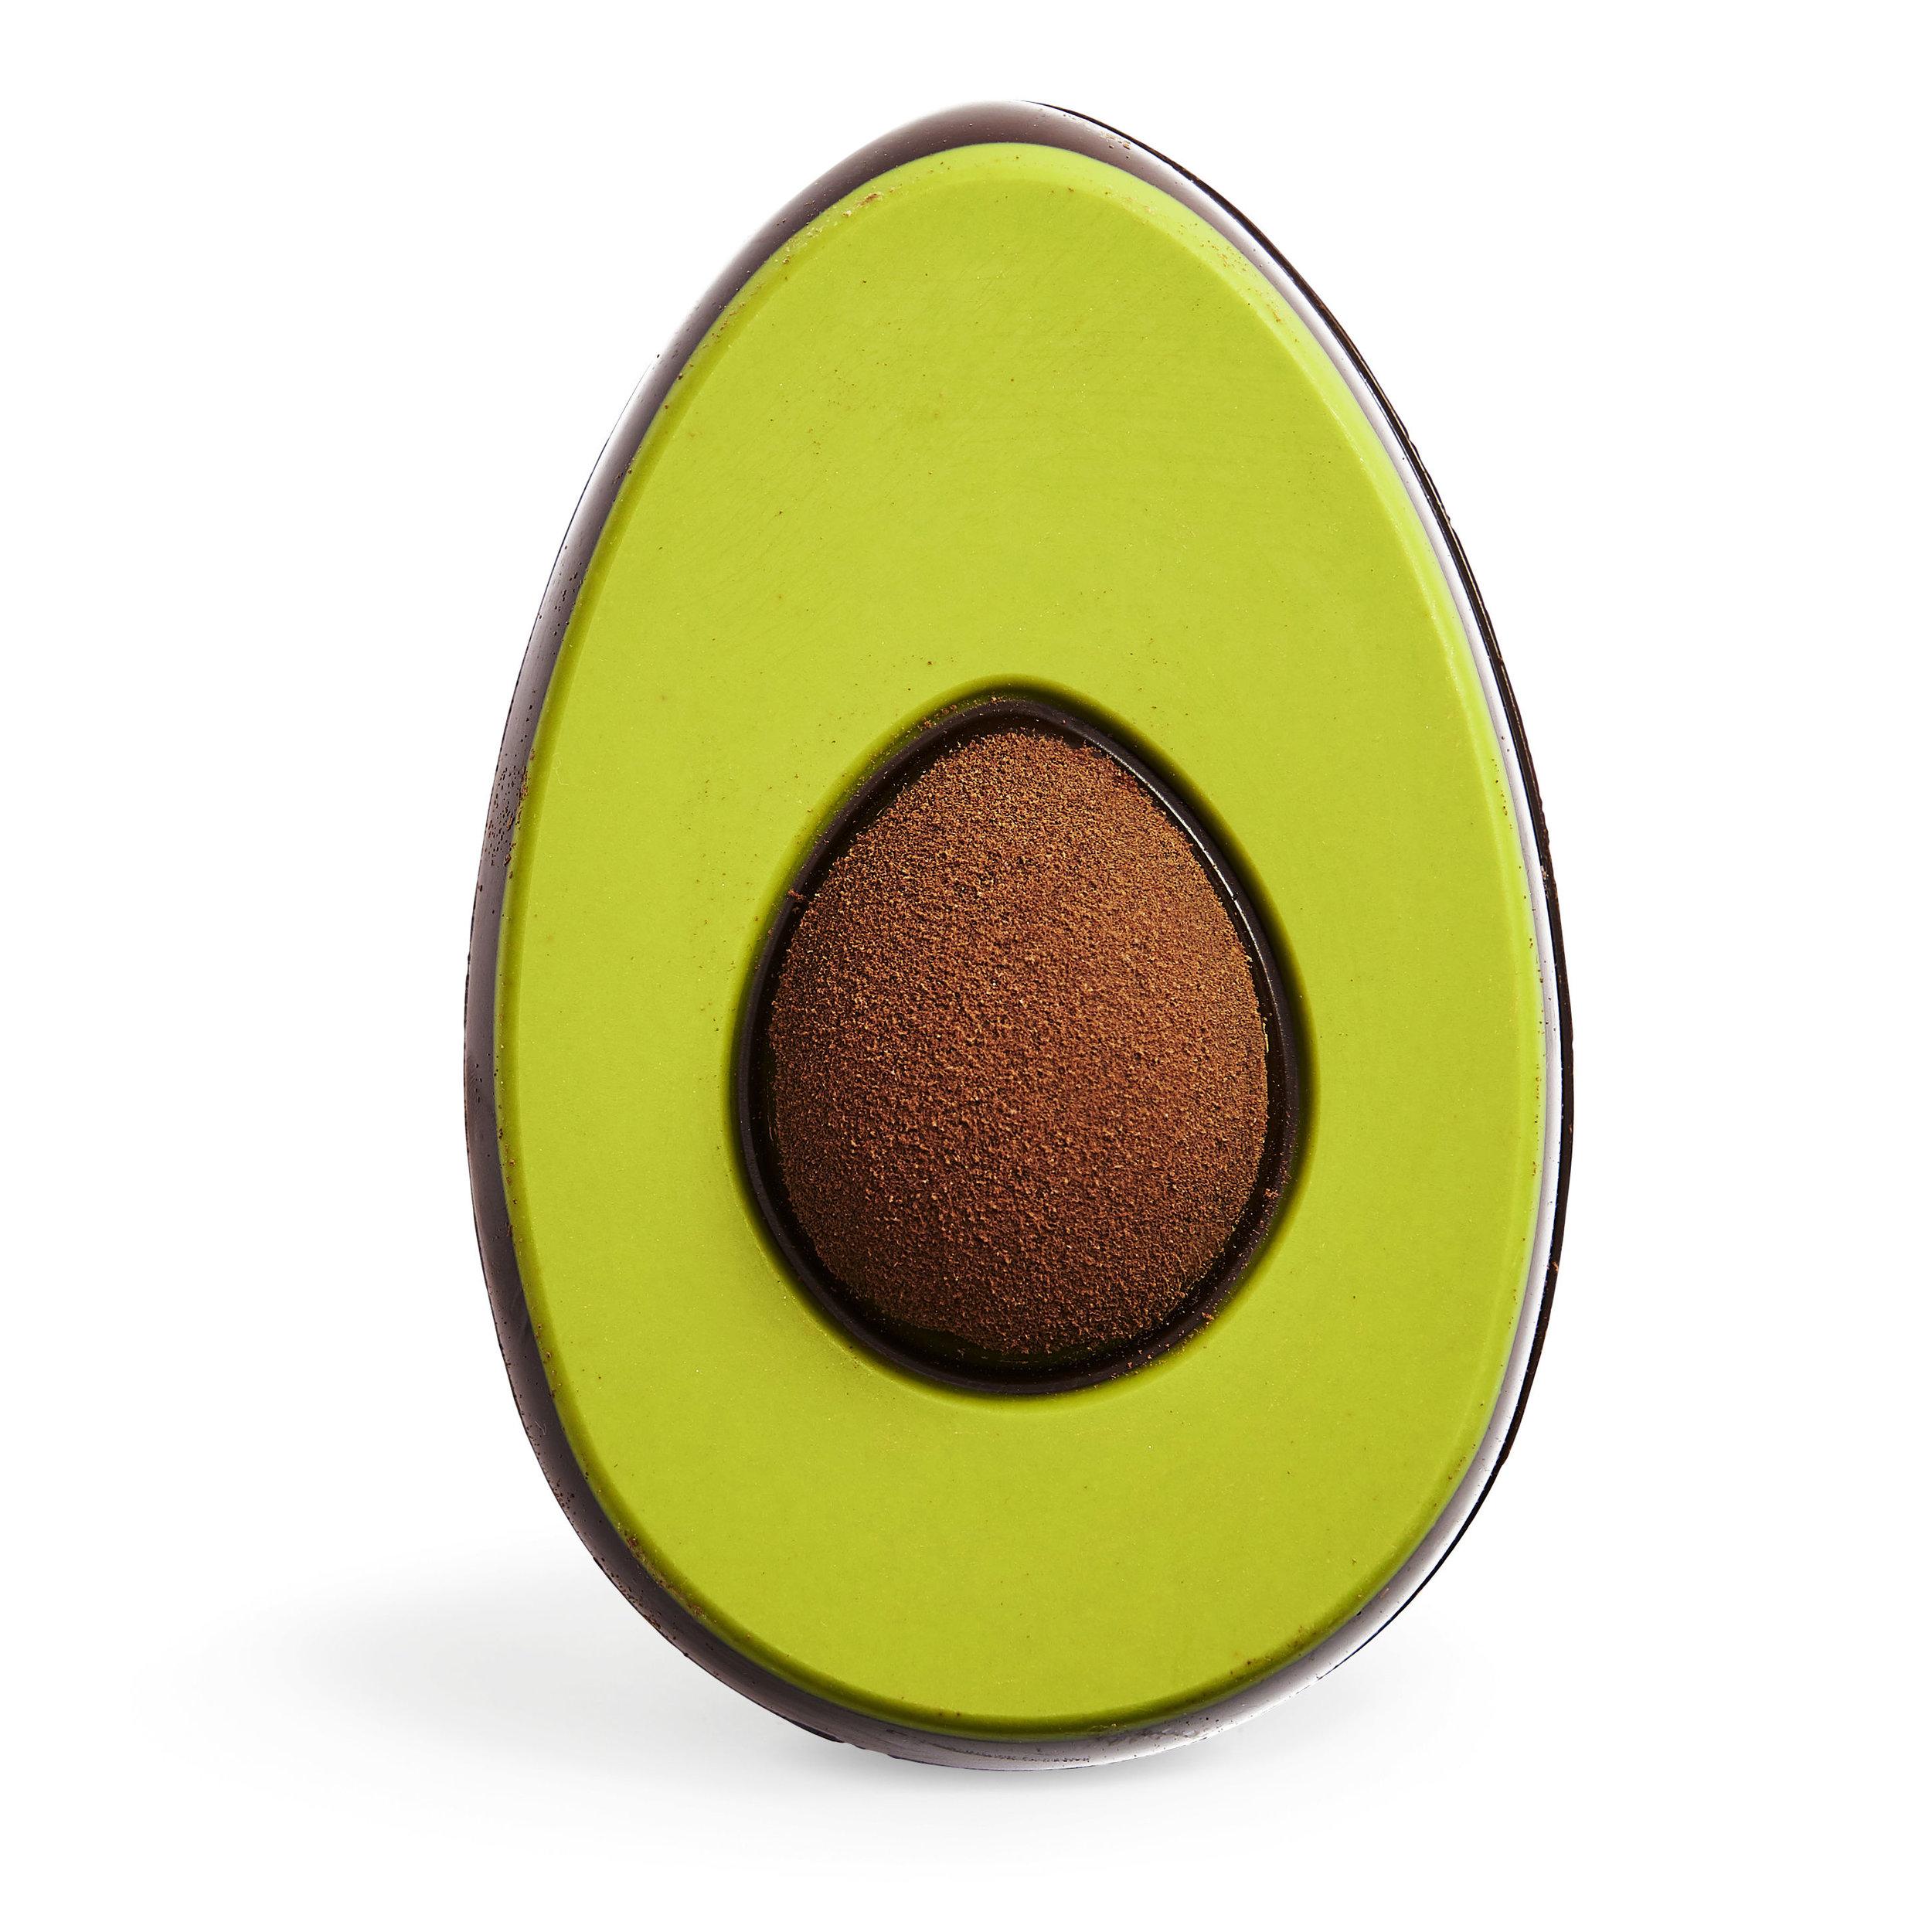 easter-egg-avocado-waitrose.jpg